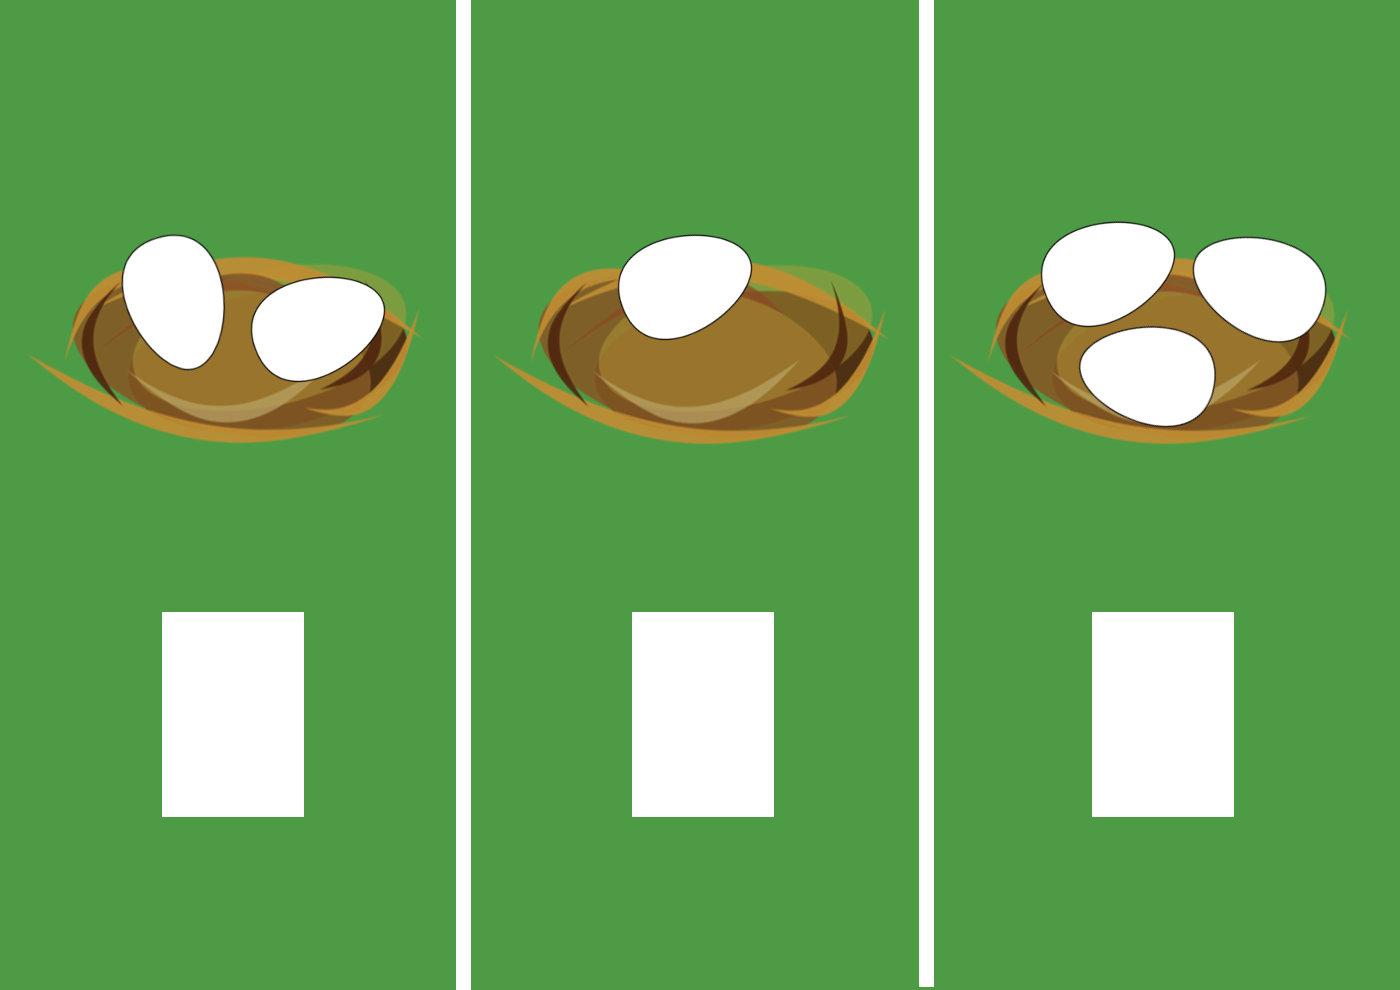 Сколько яиц - игра